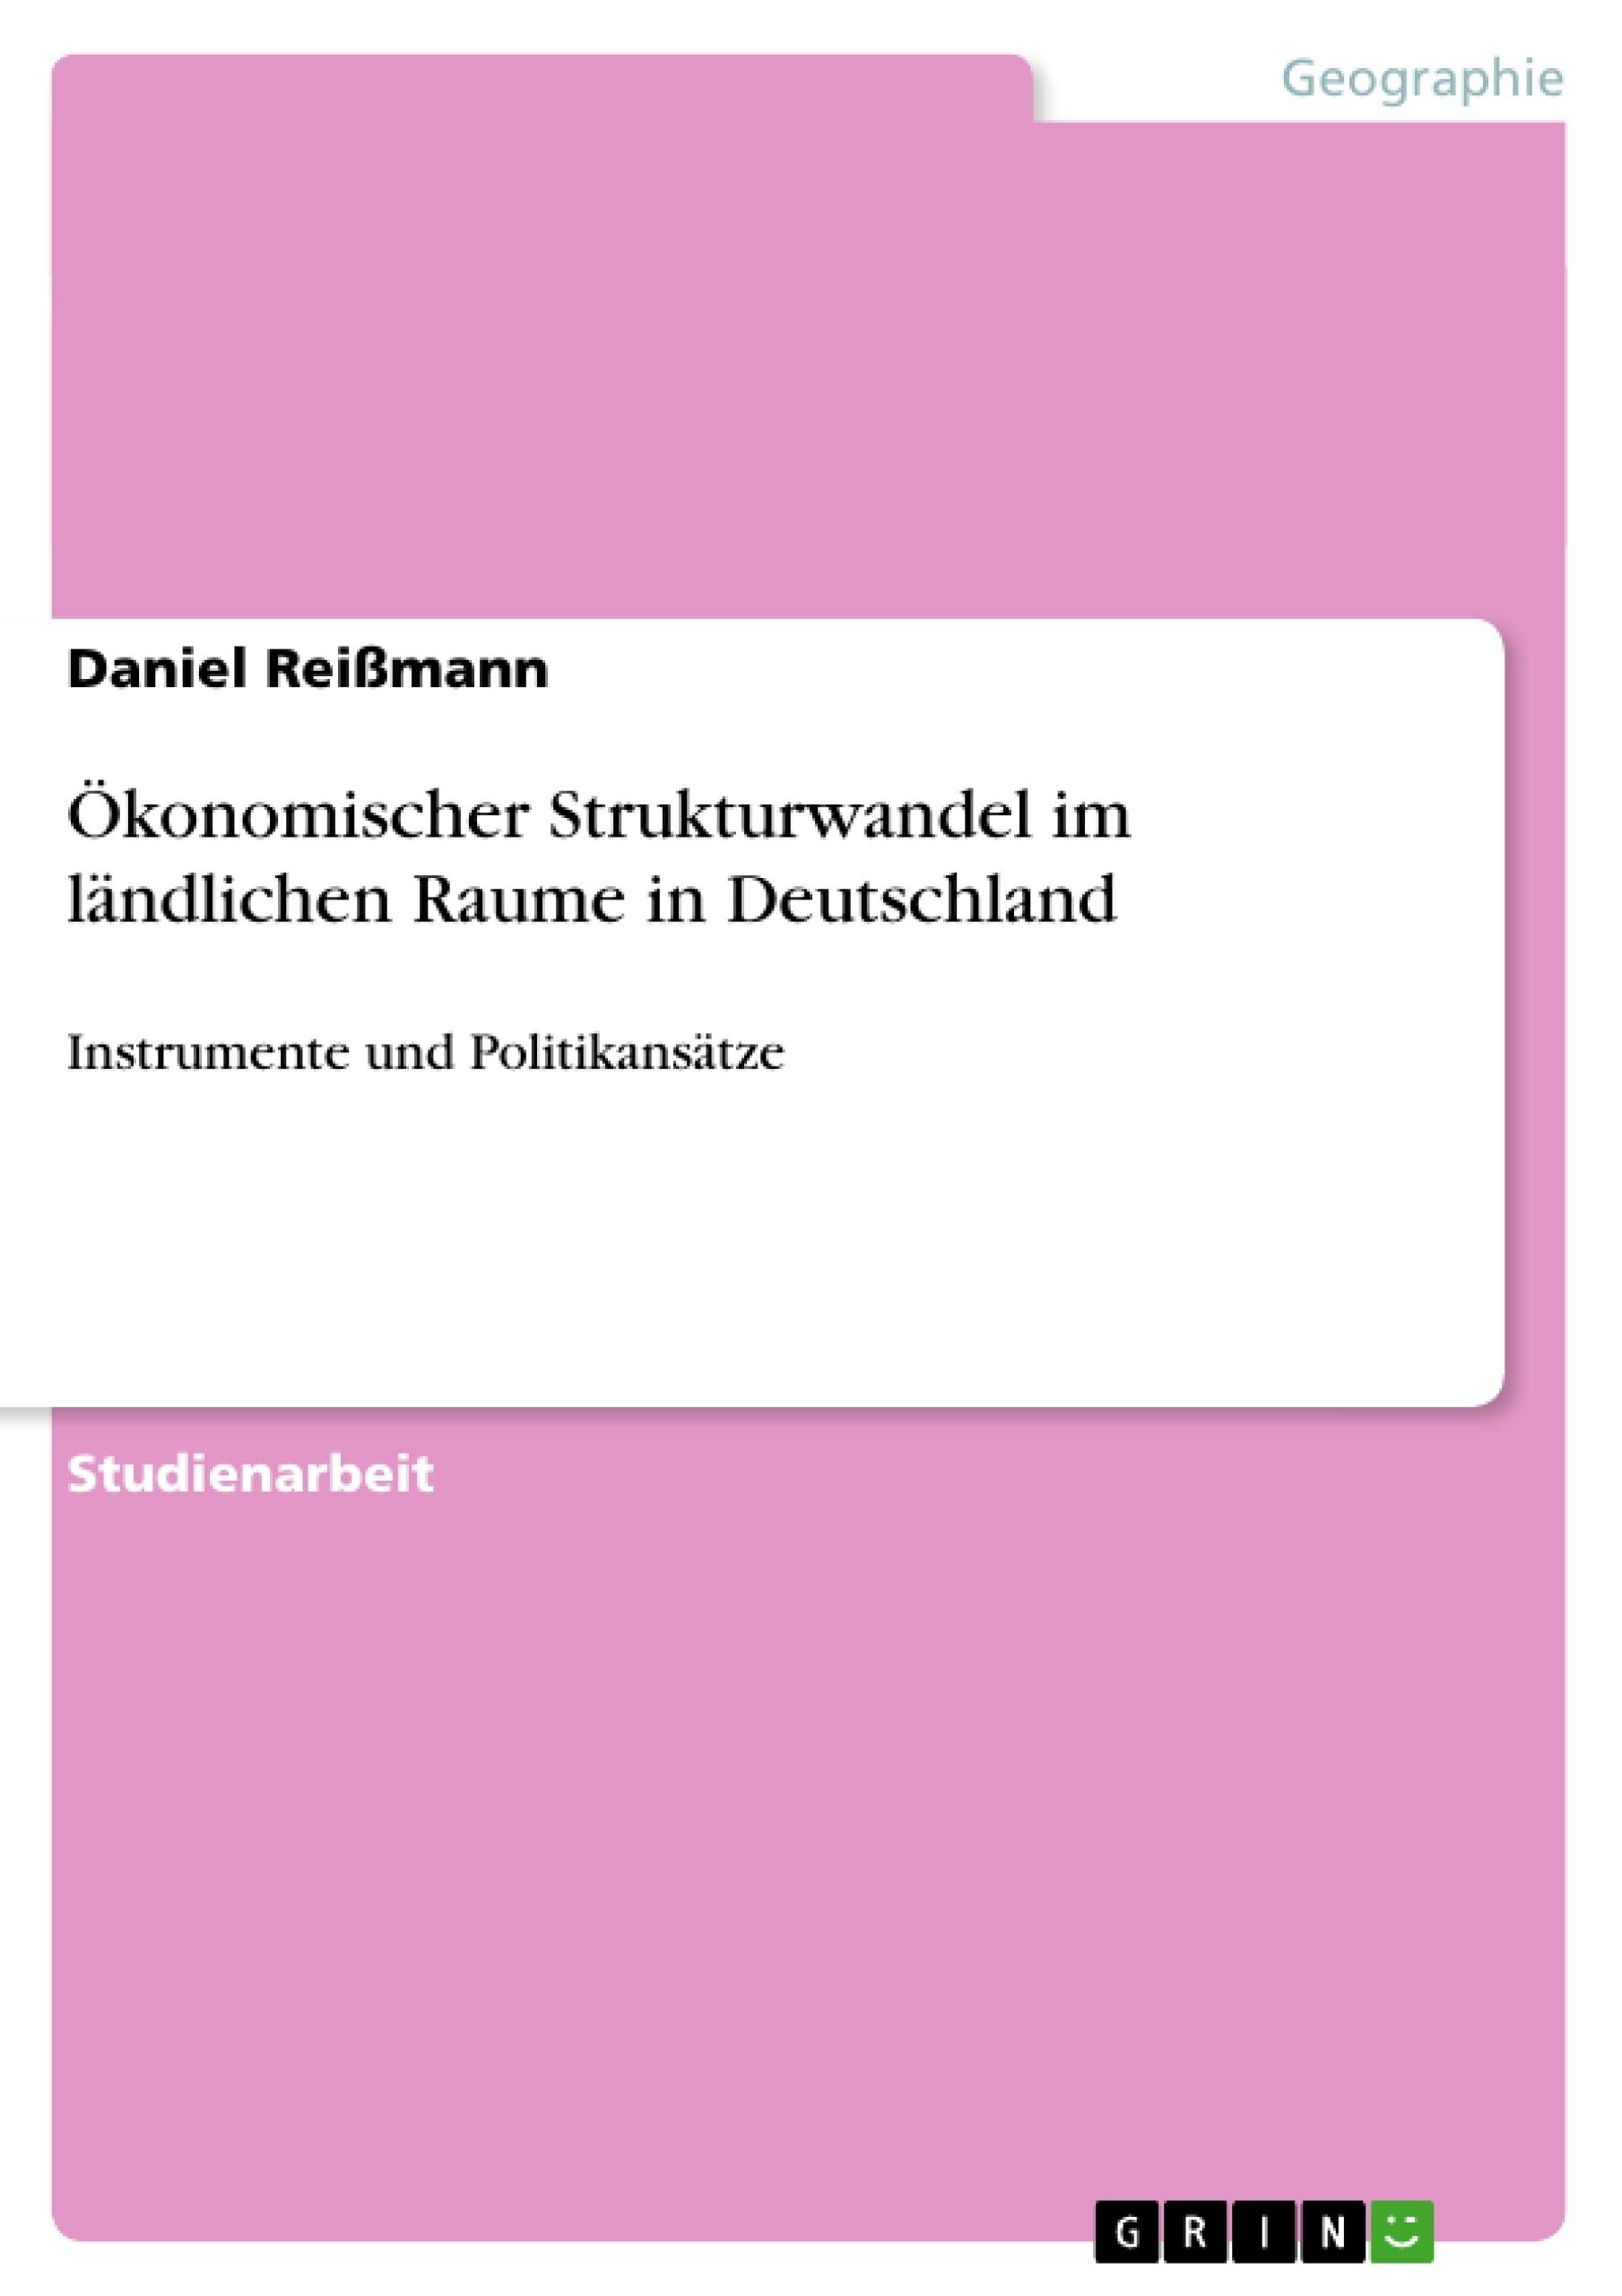 Titel: Ökonomischer Strukturwandel im ländlichen Raume in Deutschland